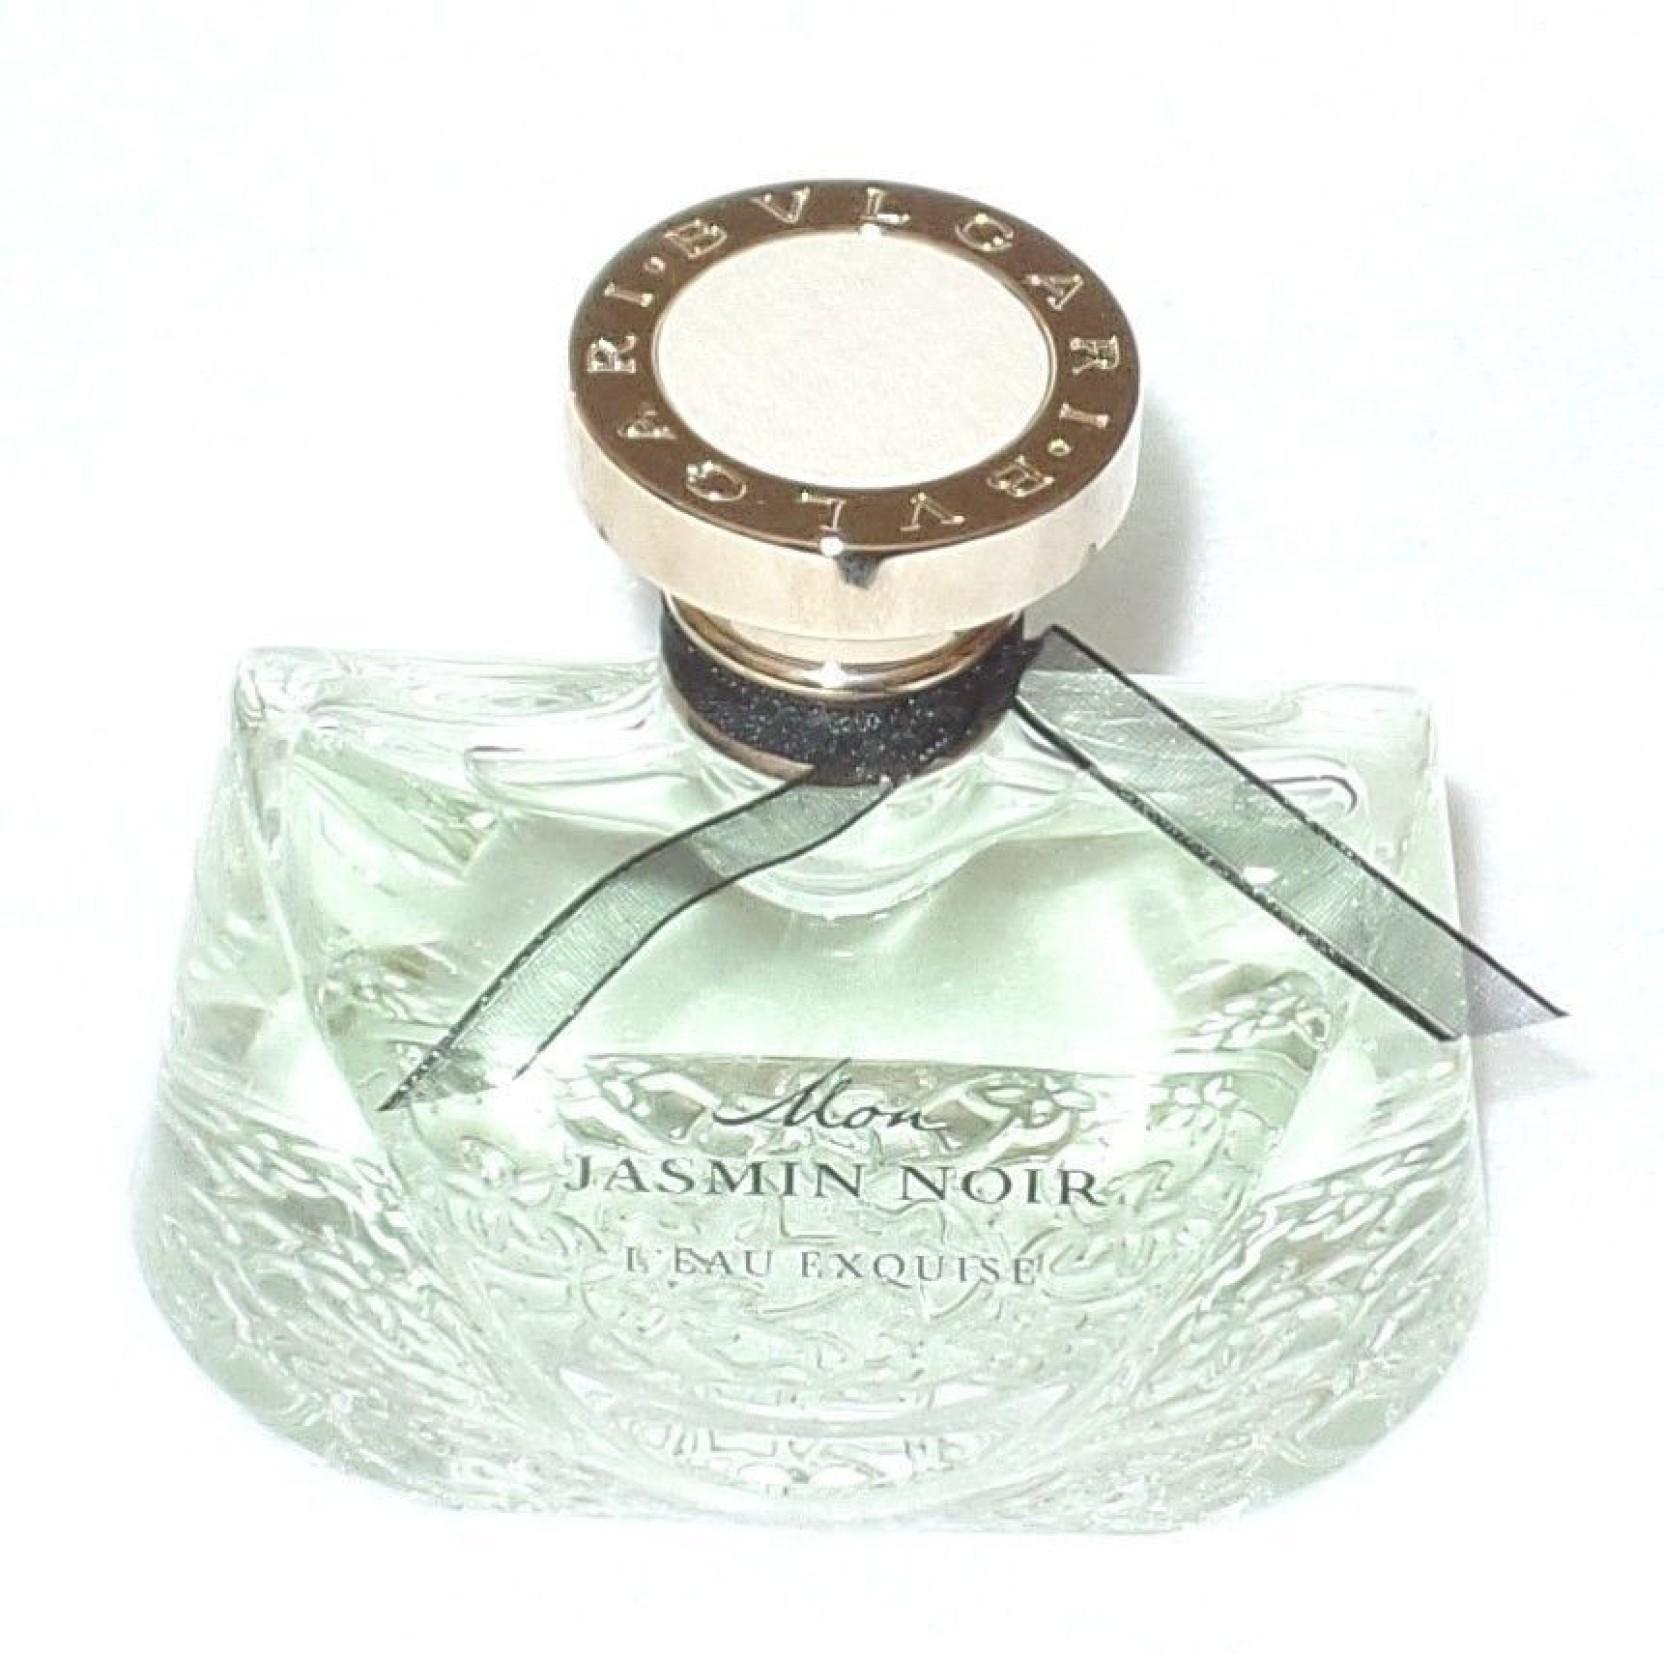 Bvlgari Mon Jasmin Noir L'eau Exquise Eau de Toilette - 75 ml. Share